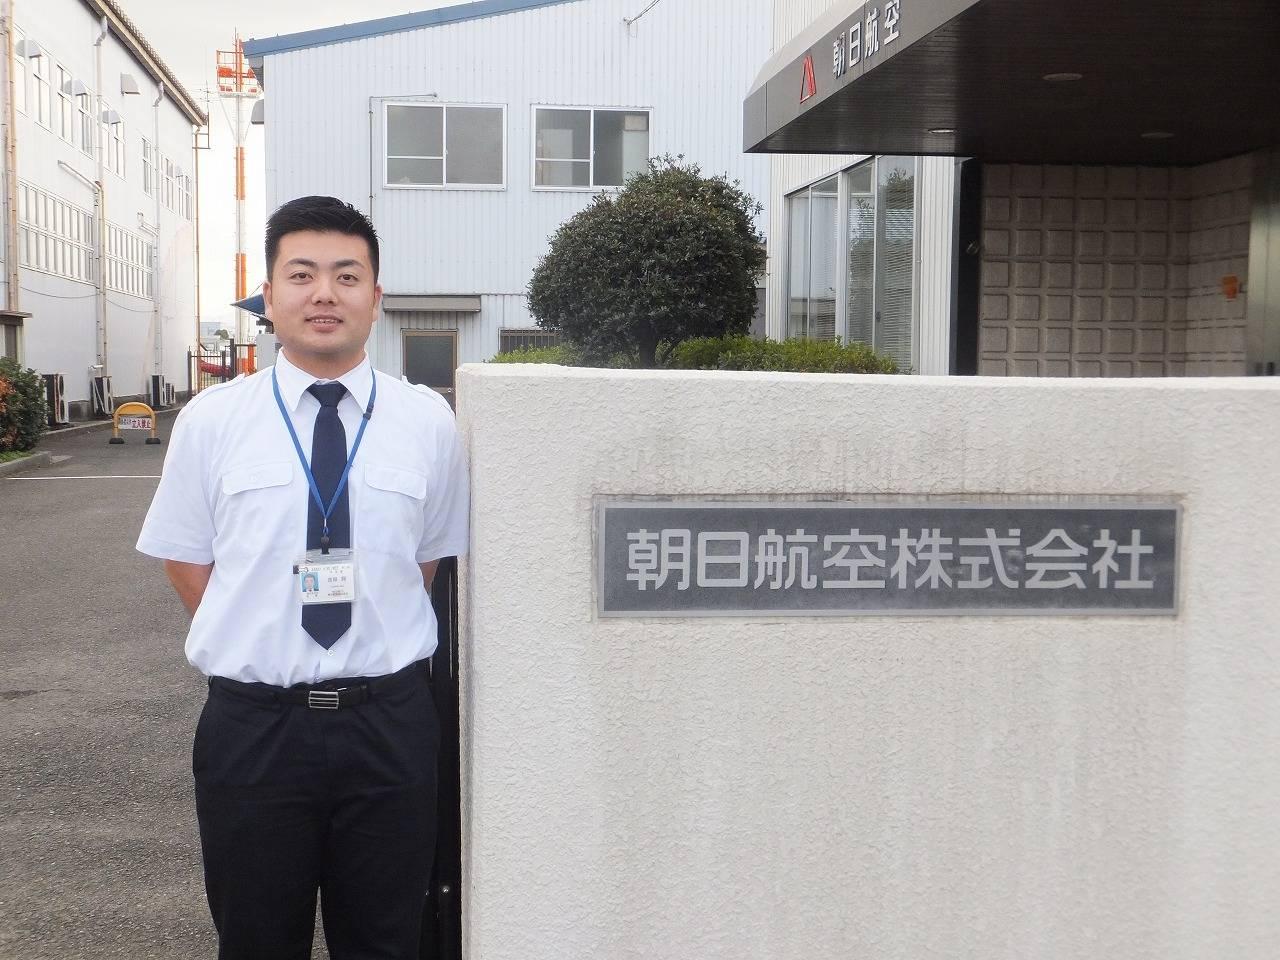 吉田 翔さん